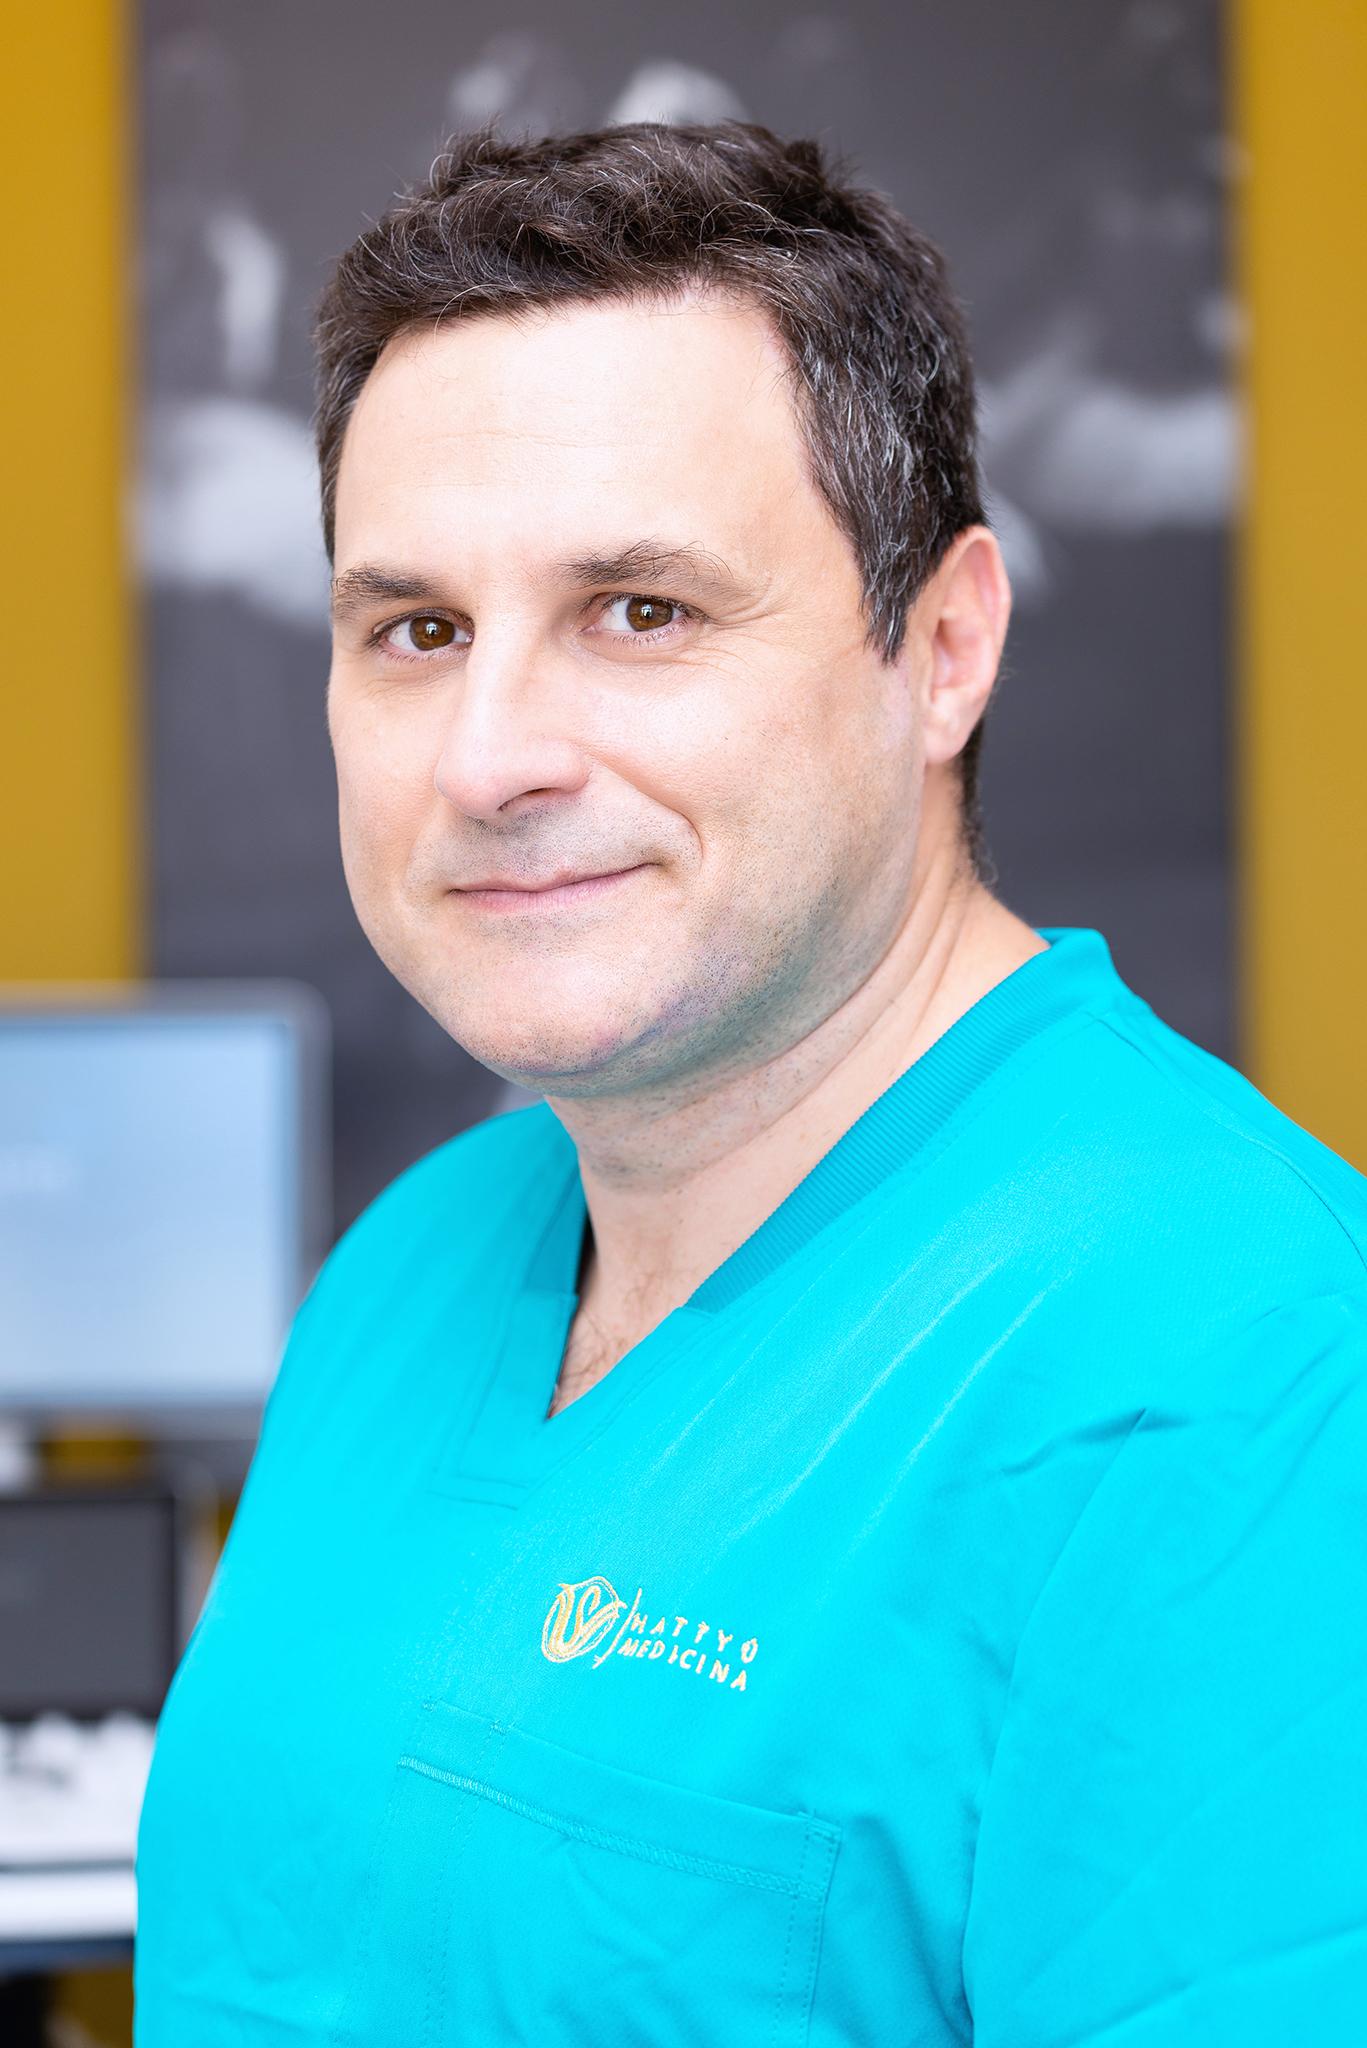 Dr. Gidai János